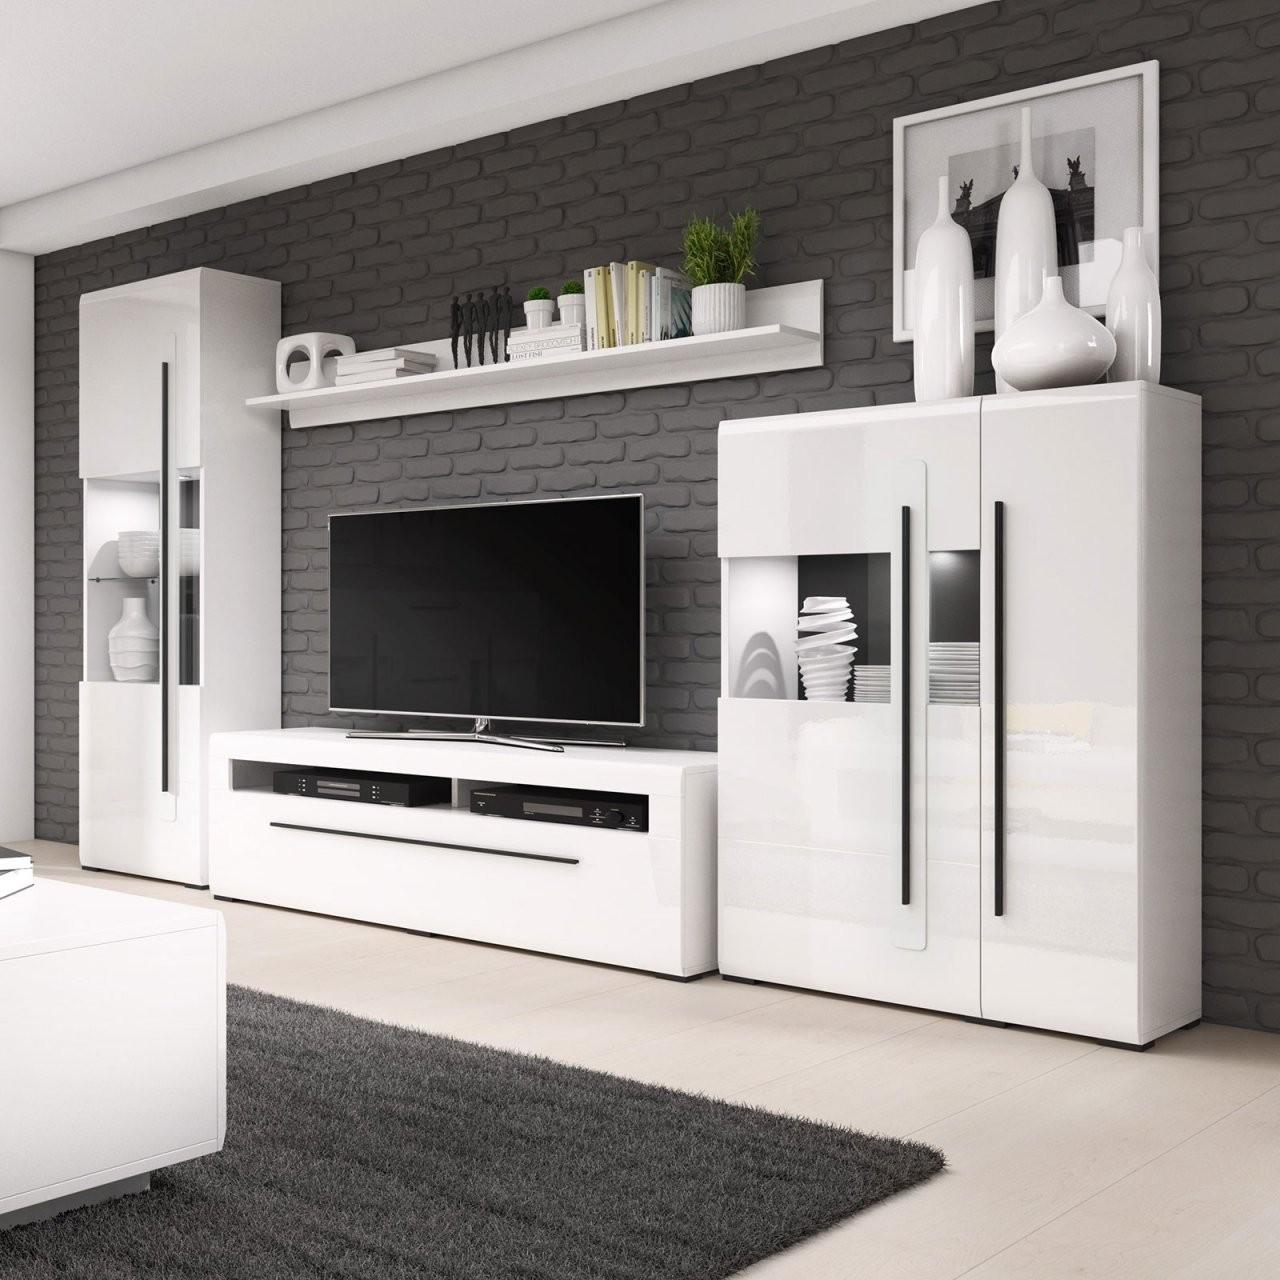 Wohnwand Twin  Hochglanz Weiß — Haus Möbel von Roller Wohnwand Weiß Hochglanz Photo